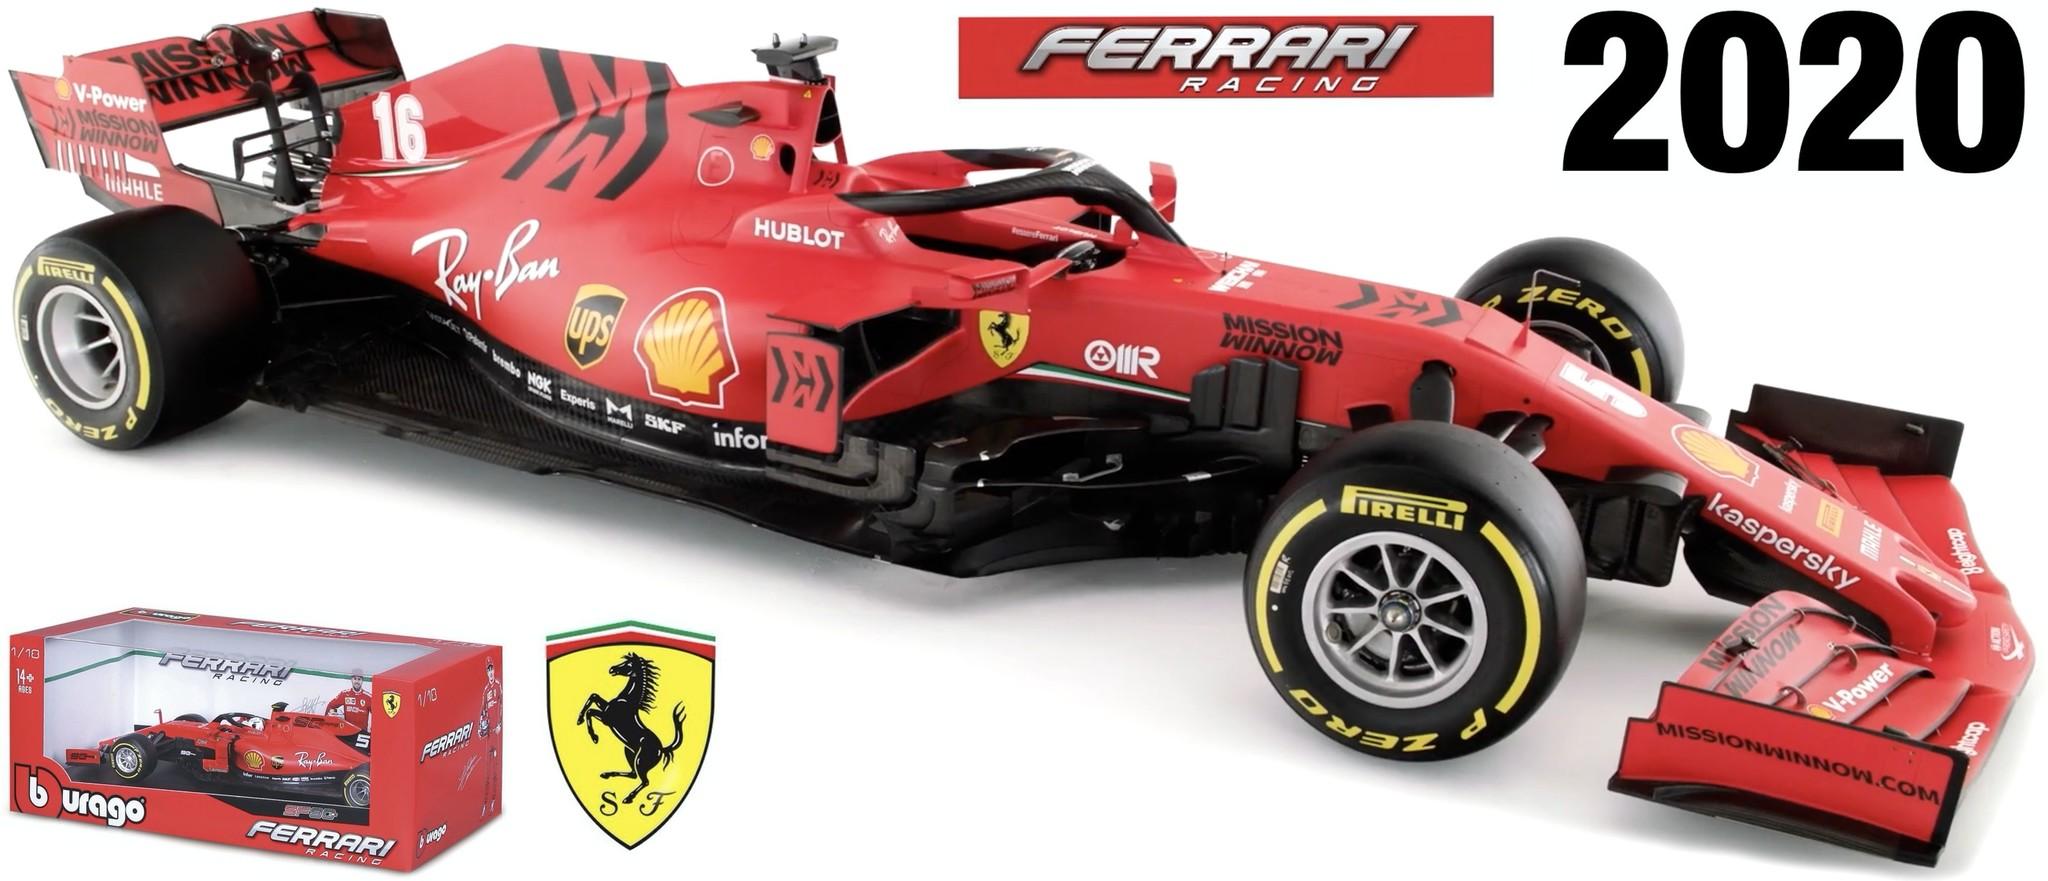 Bburago Charles LeClerc 1:18 Ferrari schaalmodel 2020